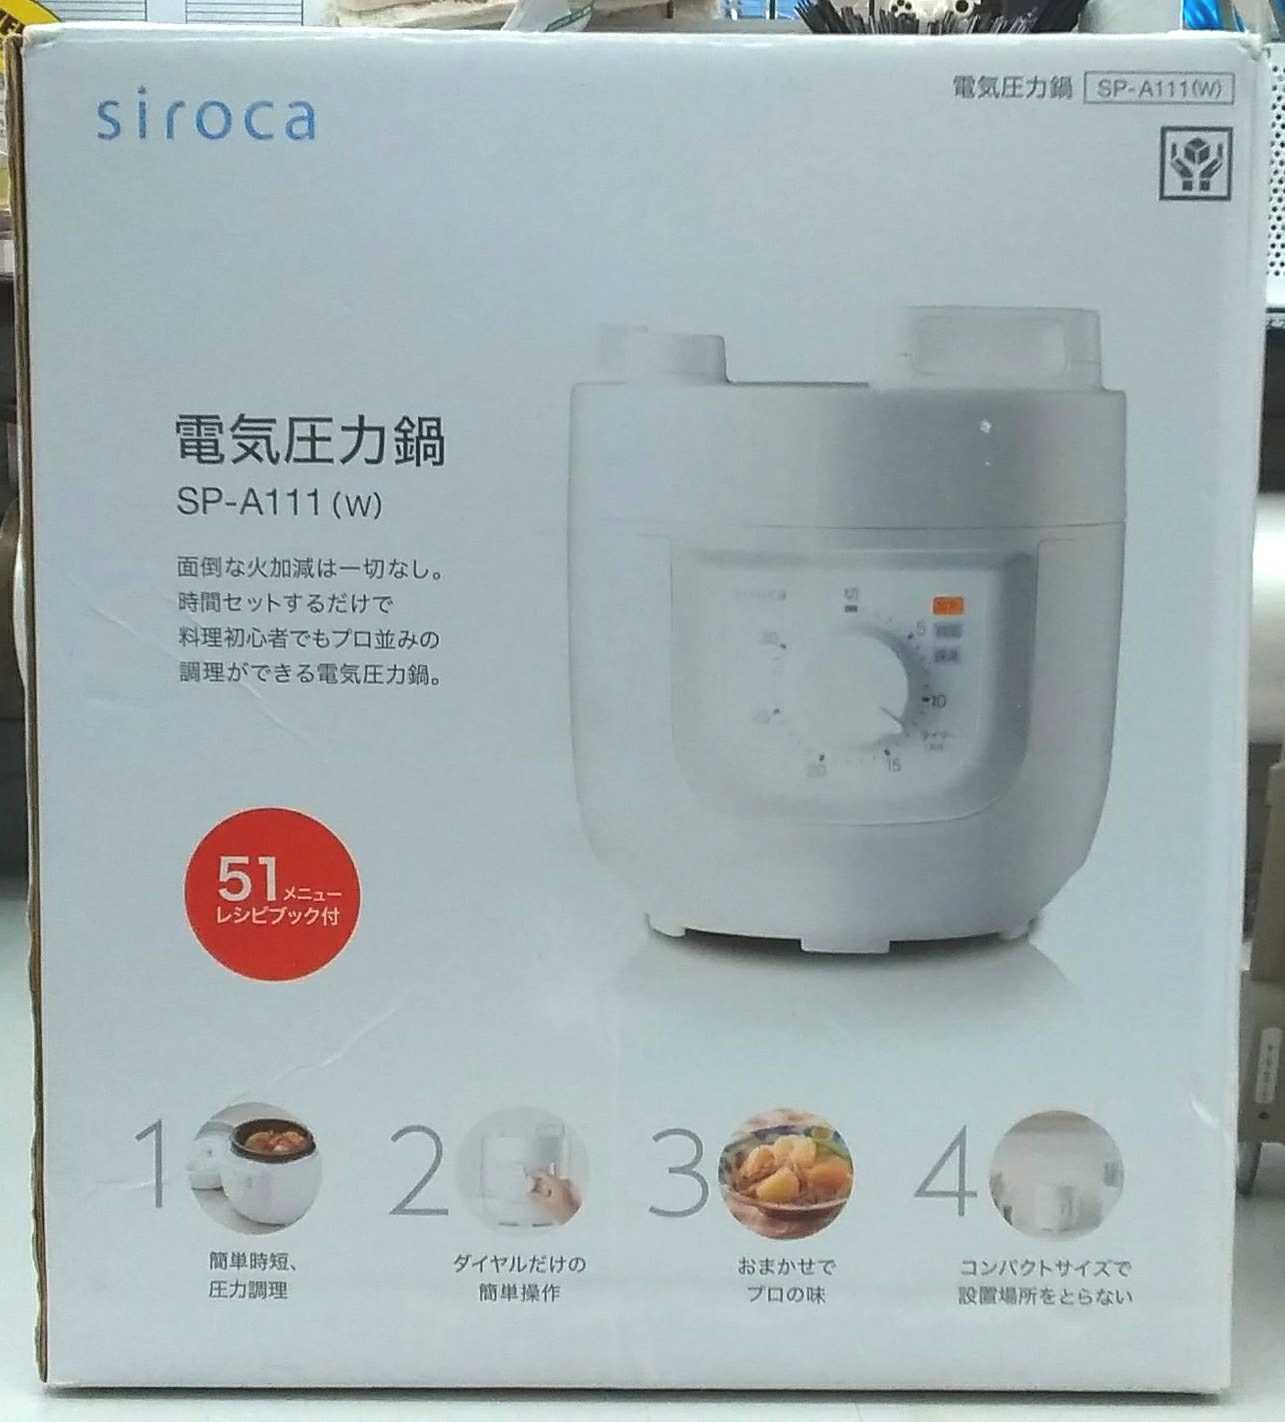 【未使用品】電気圧力鍋|SIROCA